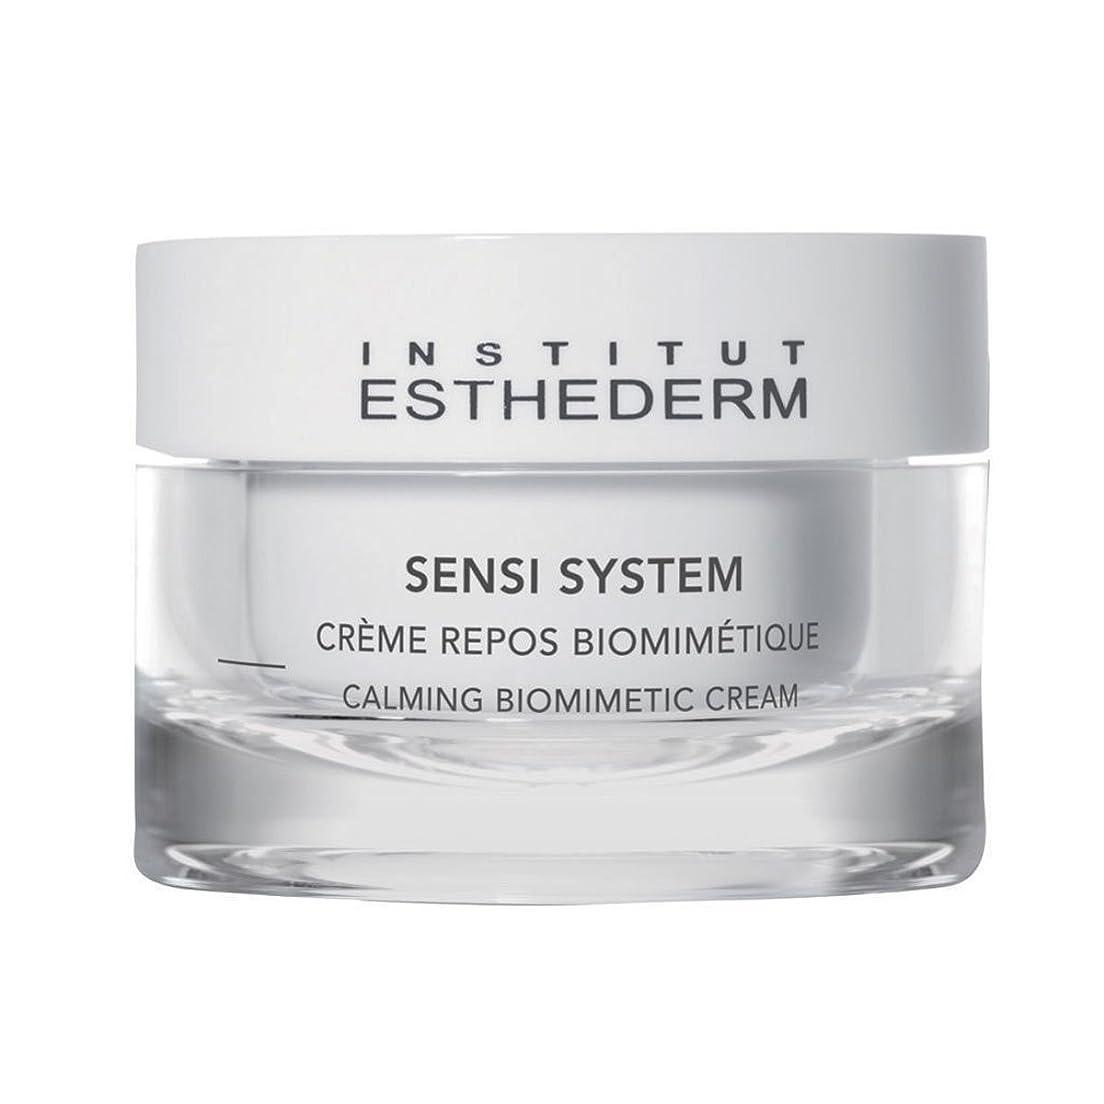 する必要がある実験をする論争の的Institut Esthederm Sensi System Calming Biomimetic Cream 50ml [並行輸入品]